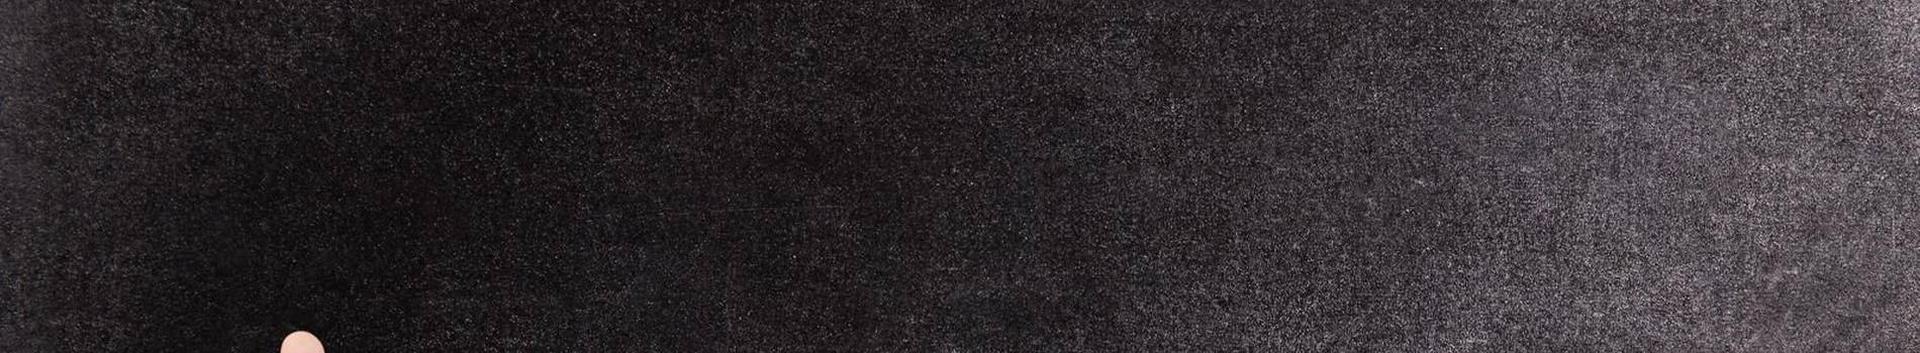 46901_mitmesuguste-kaupade-hulgikaubandus_77507643_xl.jpg